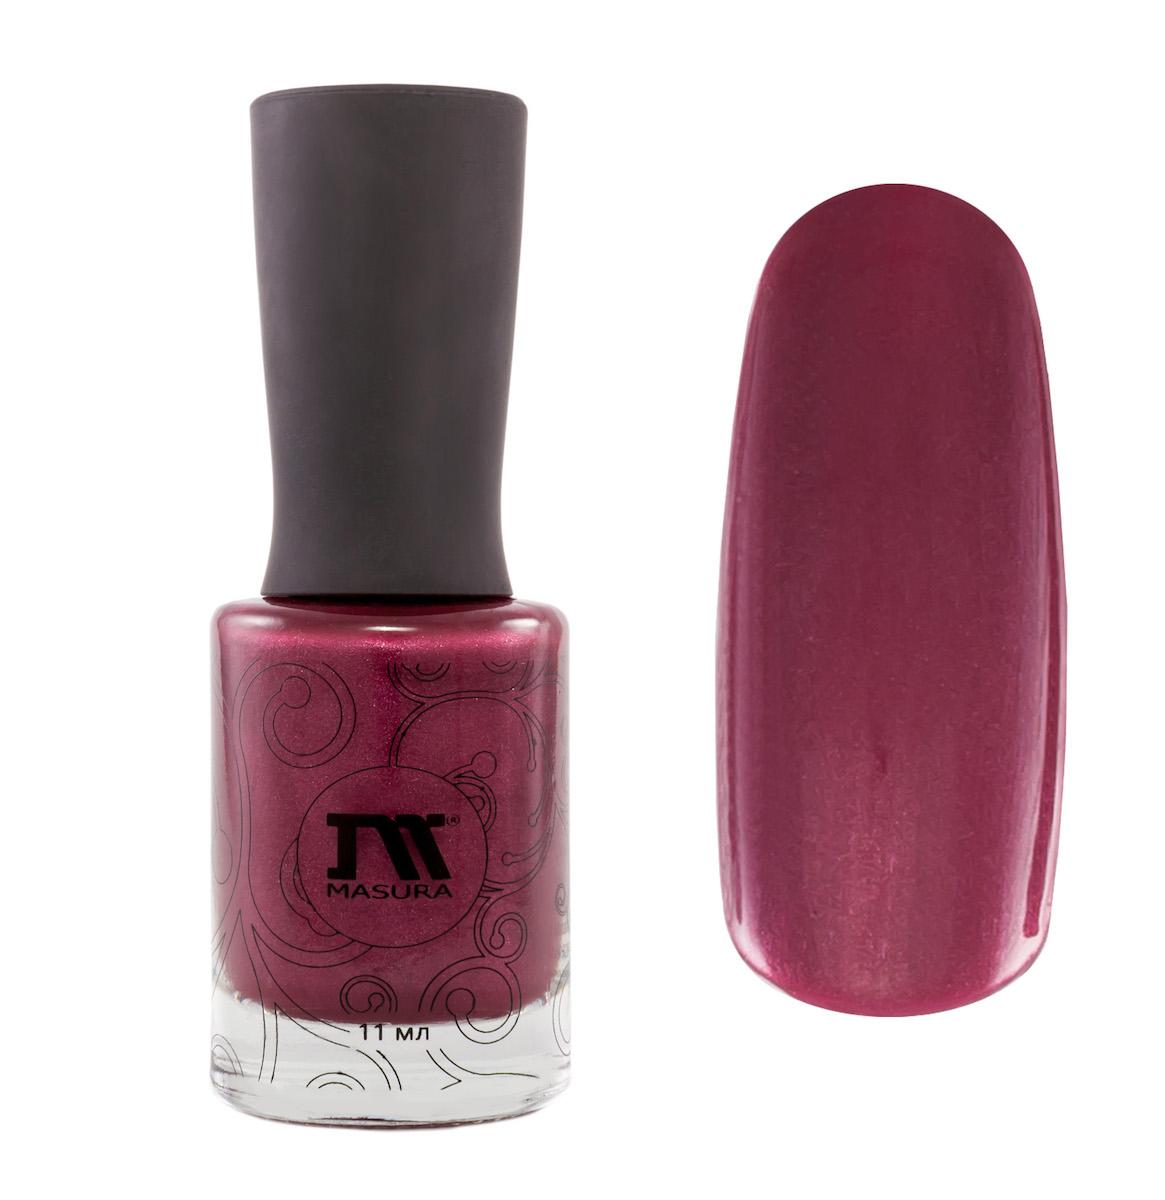 Masura Лак для ногтей Сколько Можно Говорить о Погоде, 11 мл1011глубокий перламутровый фиолетовый с бордовым тоном, с мельчайшим серебристым отливом